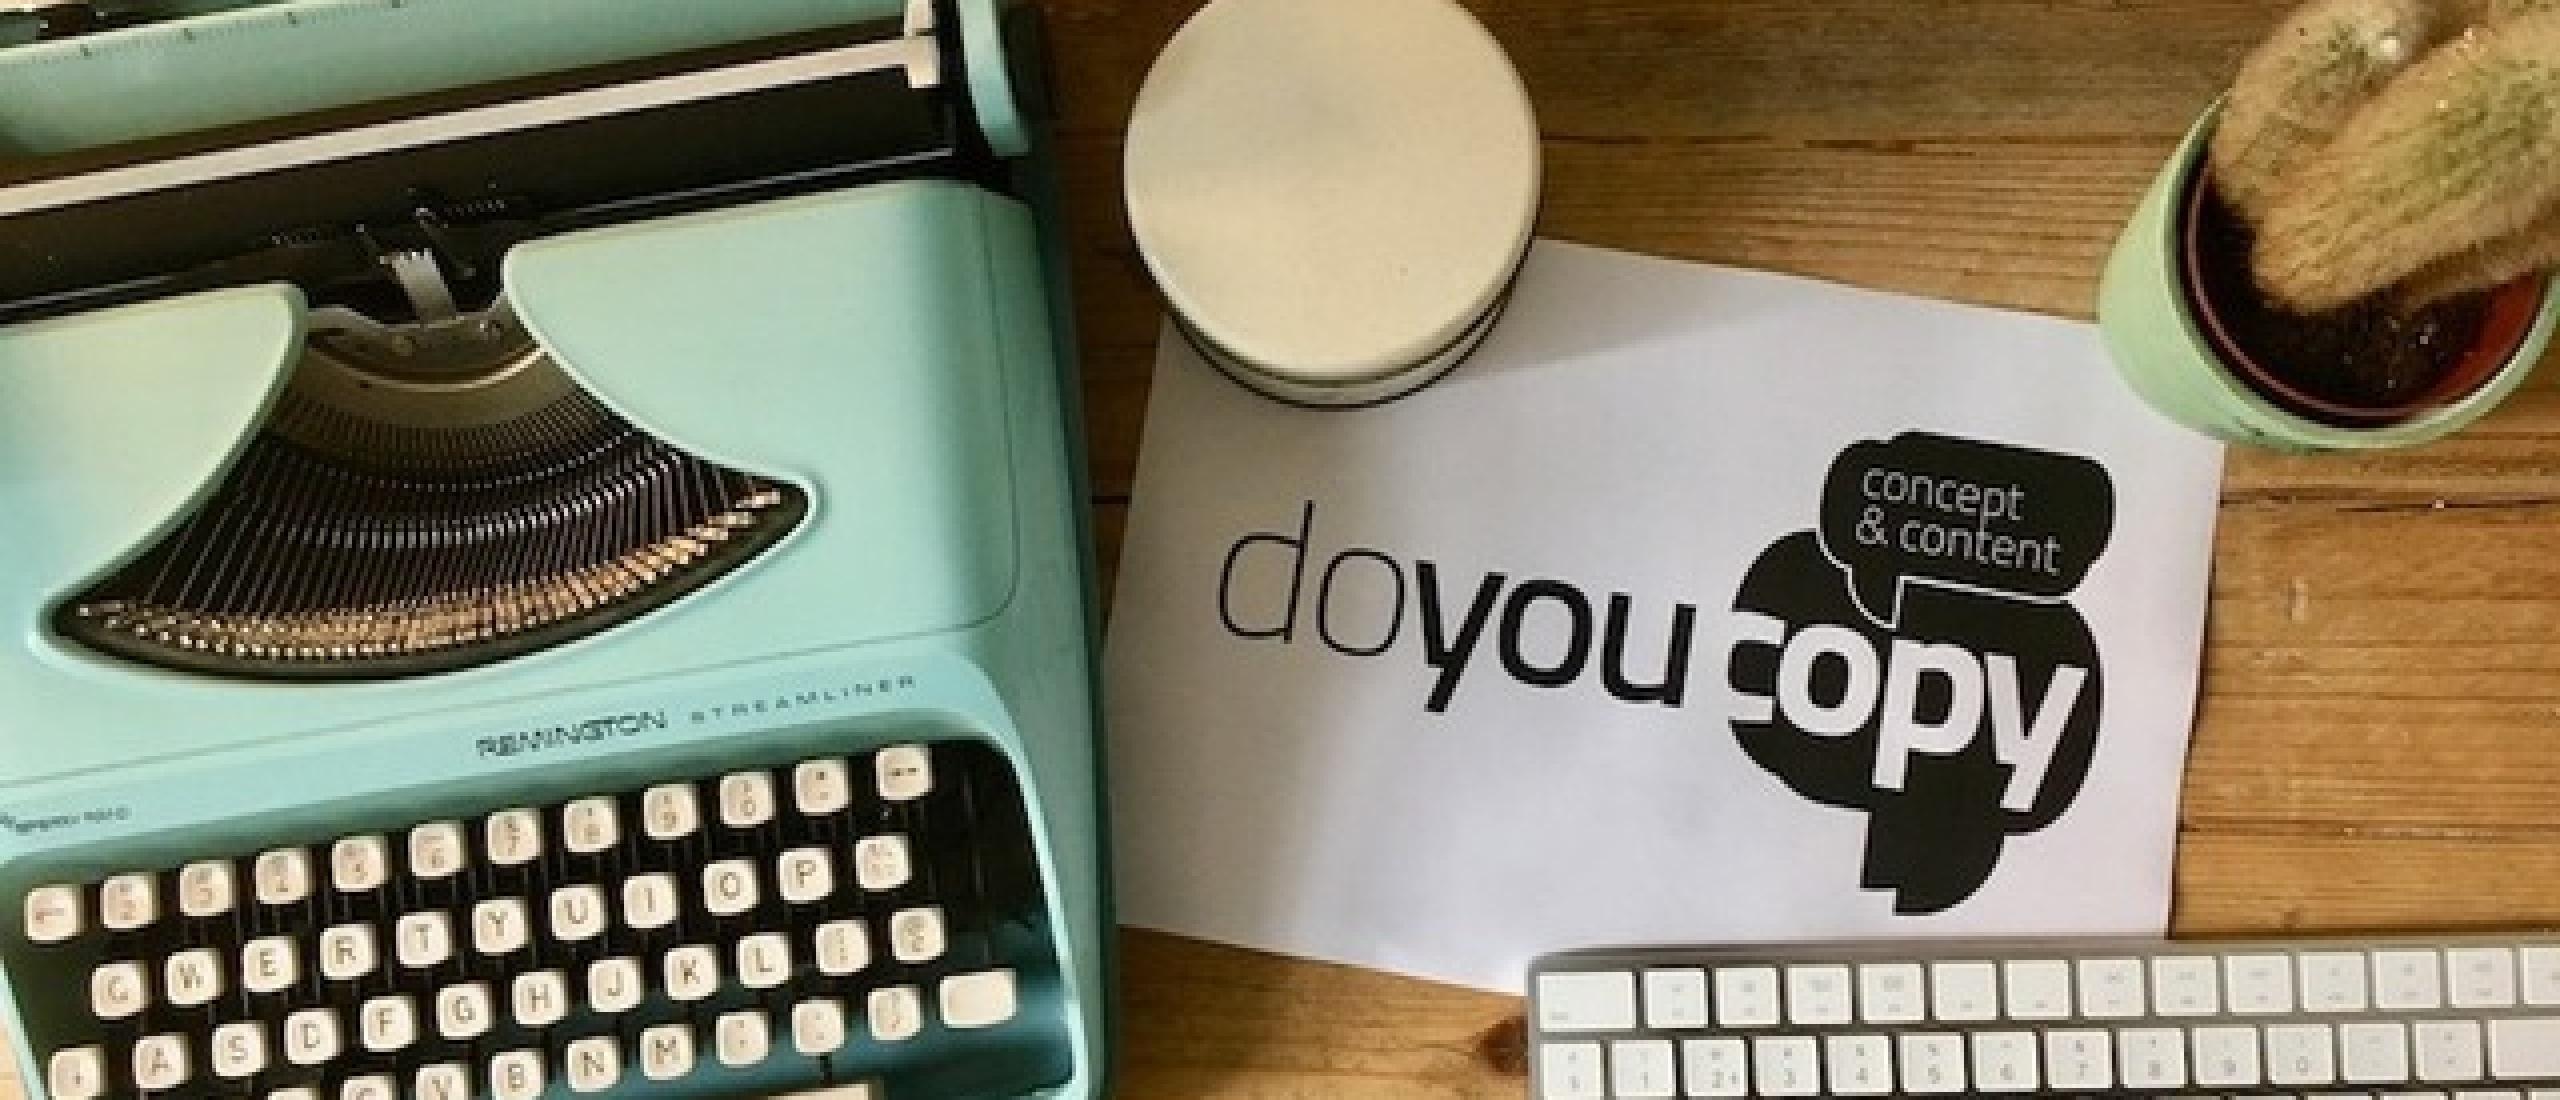 Doyoucopy cursus review – de moeite waard?